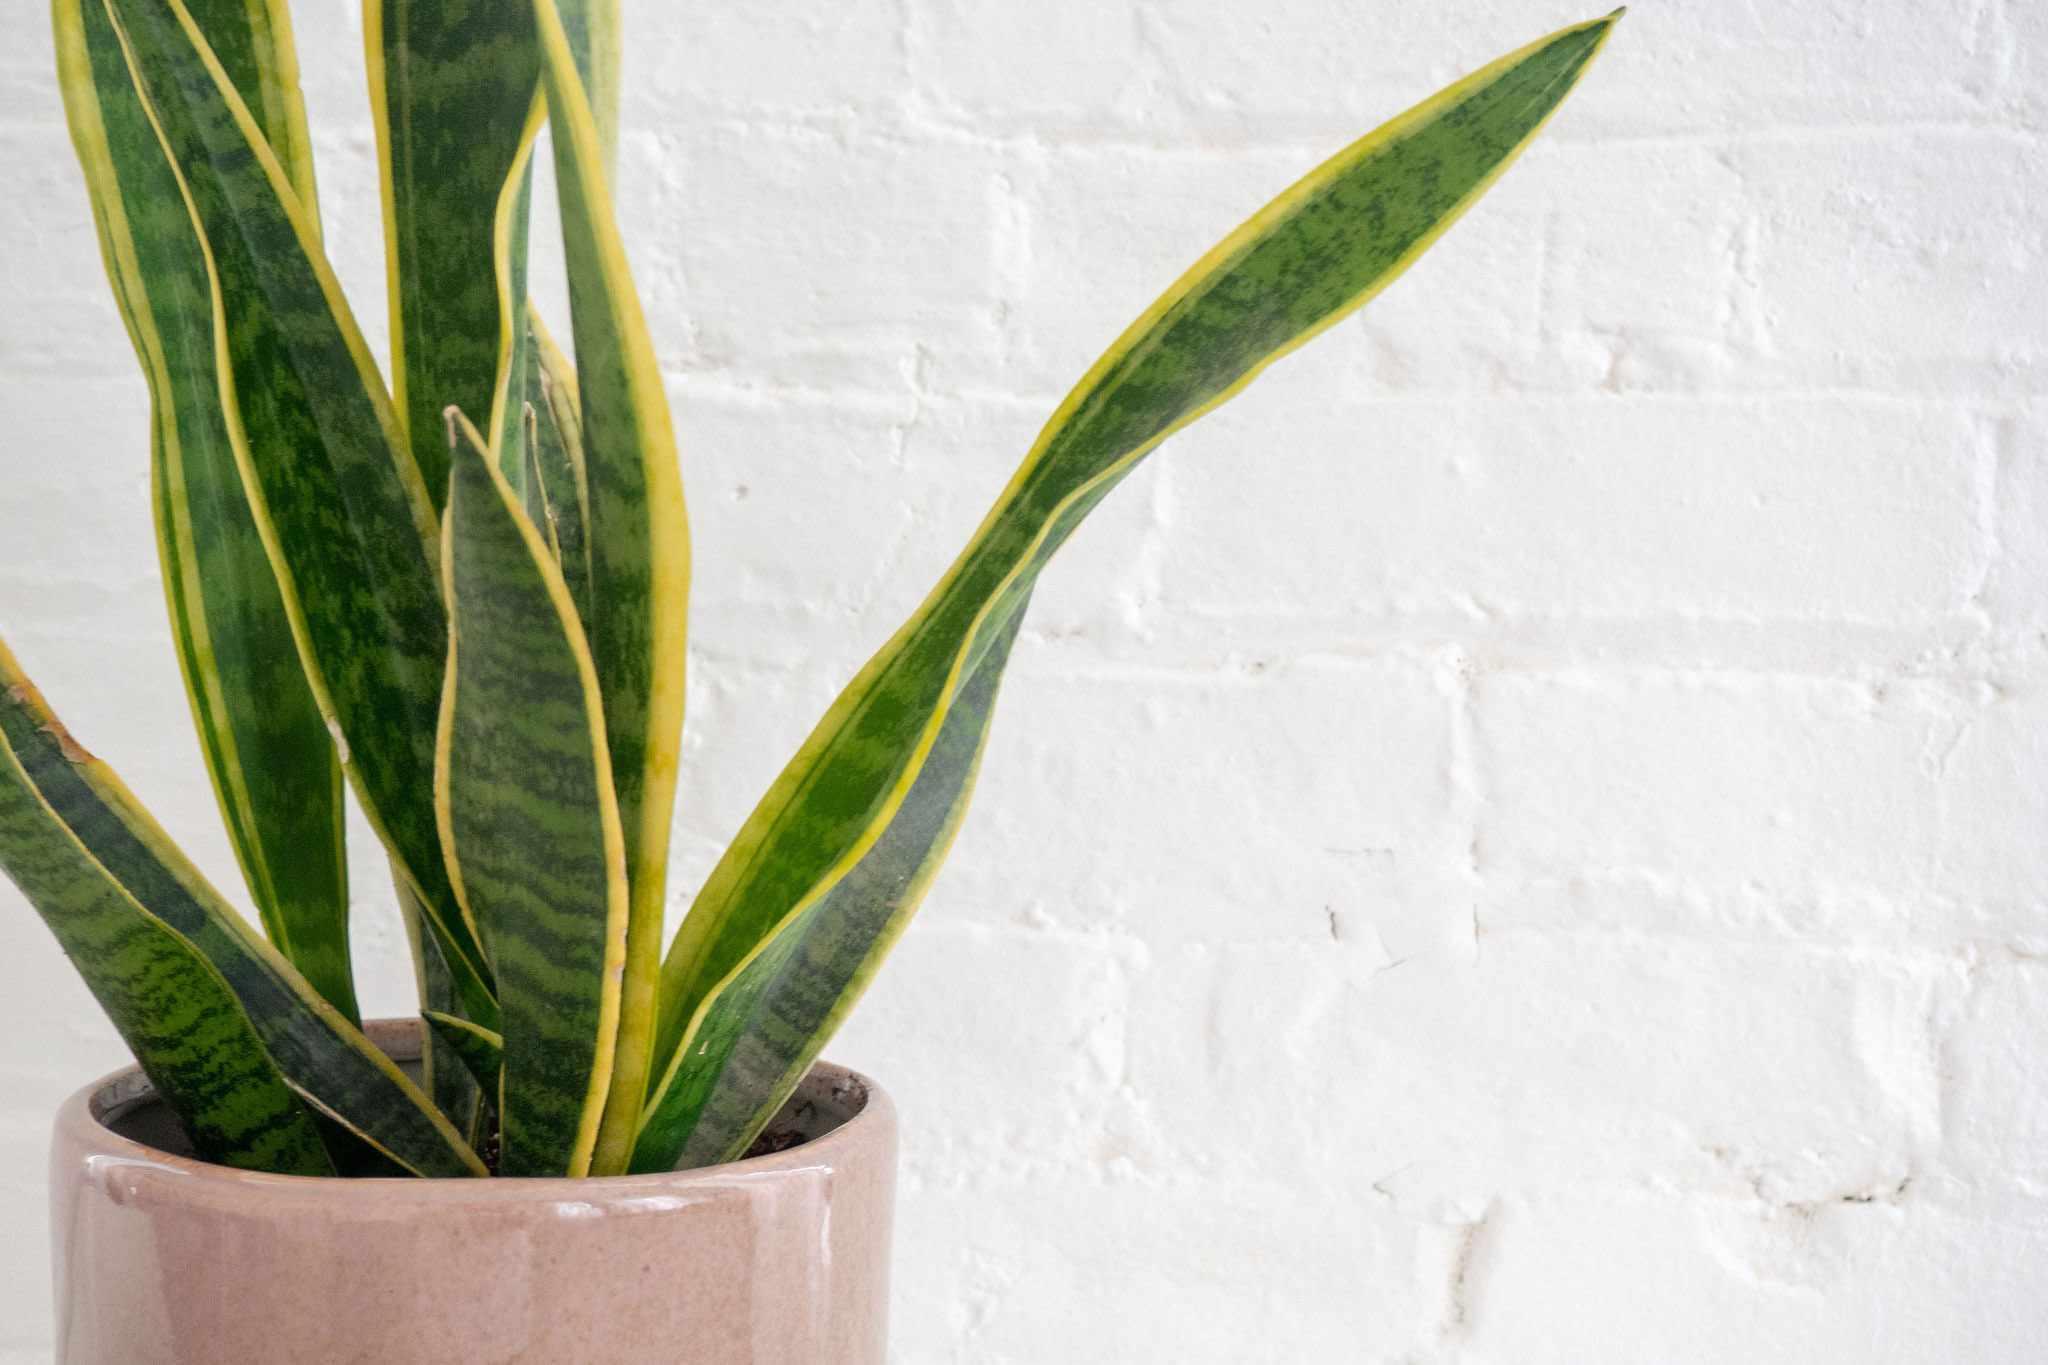 una planta de serpiente contra una pared de ladrillos